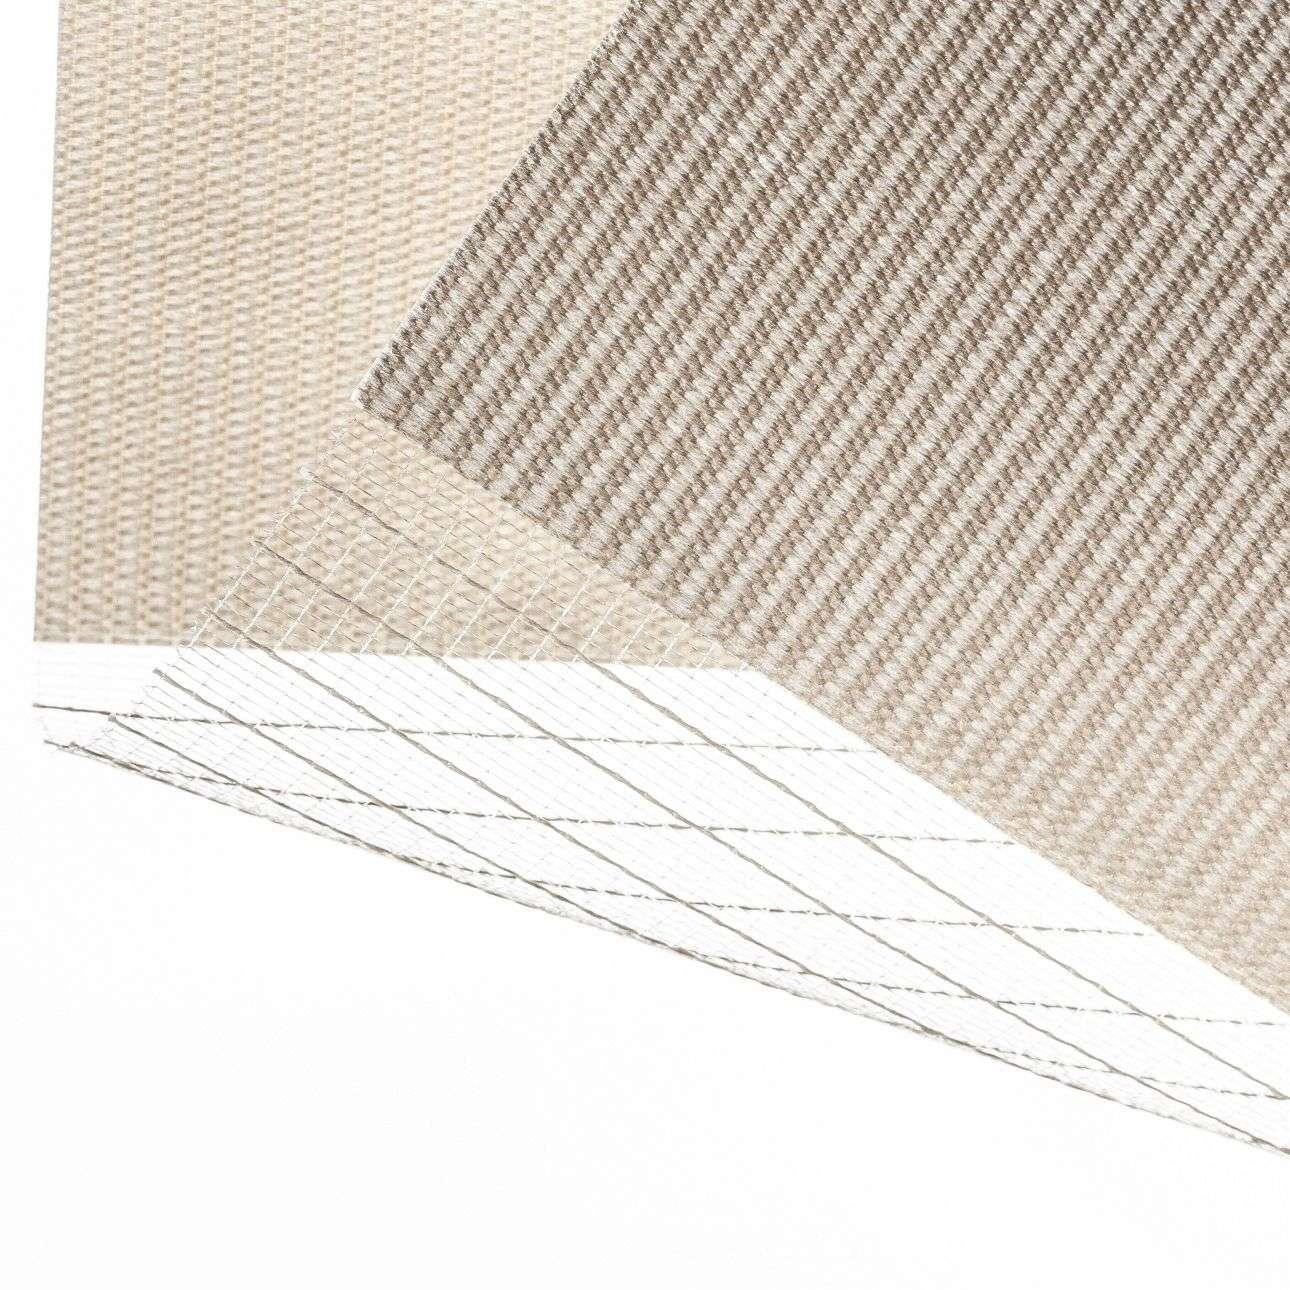 Mini roleta Deň a Noc so silónom 38x150cm V kolekcii Rolety navíjacie Deň a Noc, tkanina: 0102